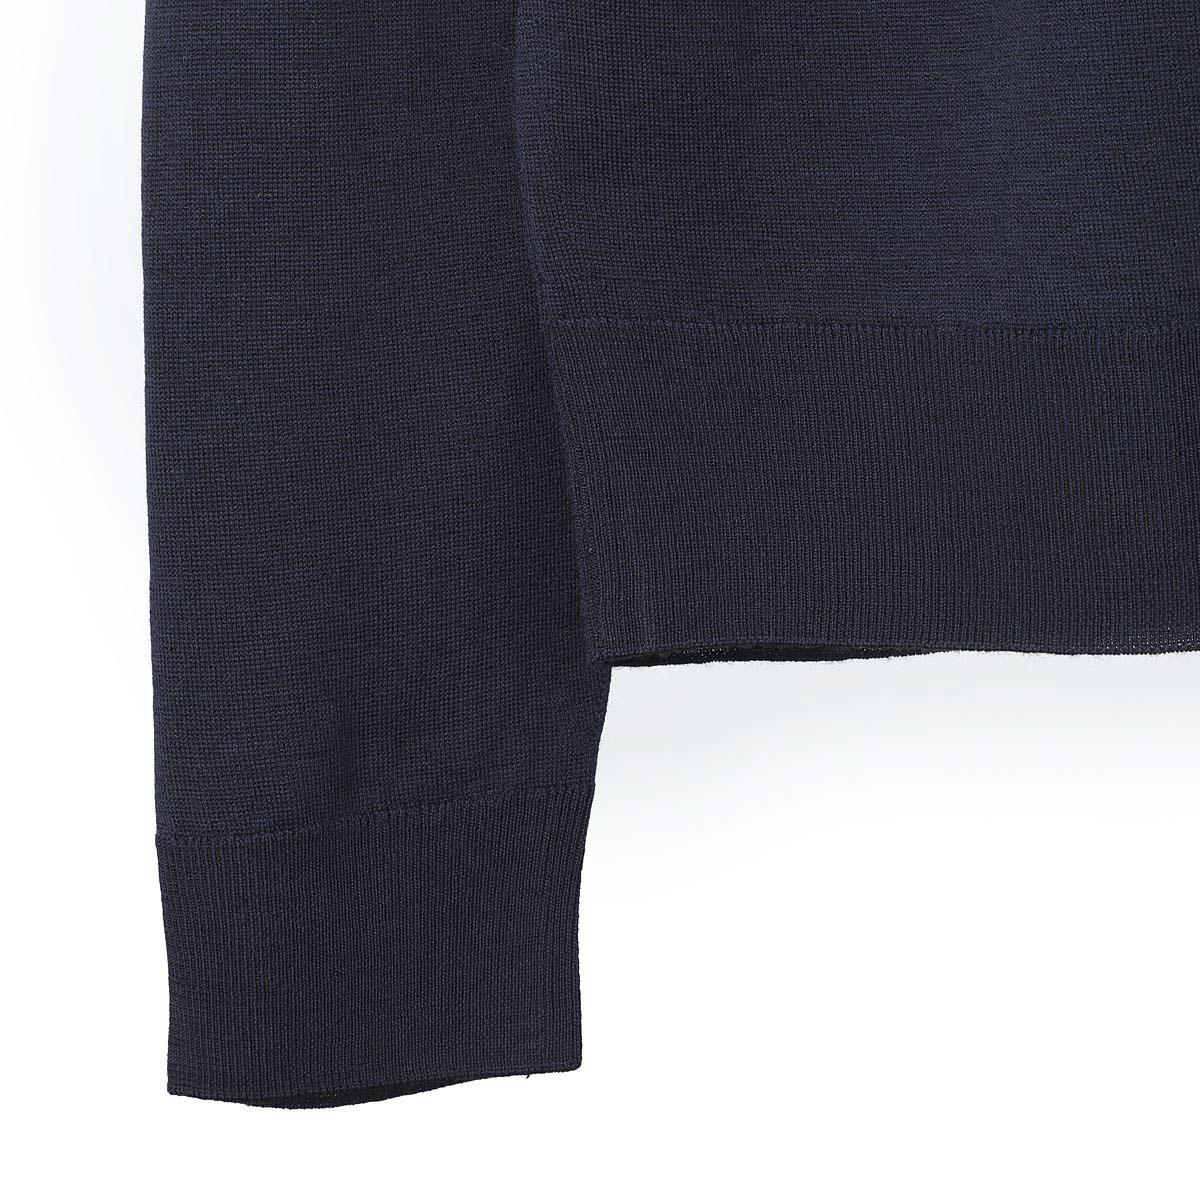 JOHN SMEDLEY ジョンスメドレー モック タートルネック セーター/ハイネックセーター/HARCOURT ハーコート 30ゲージ メンズ